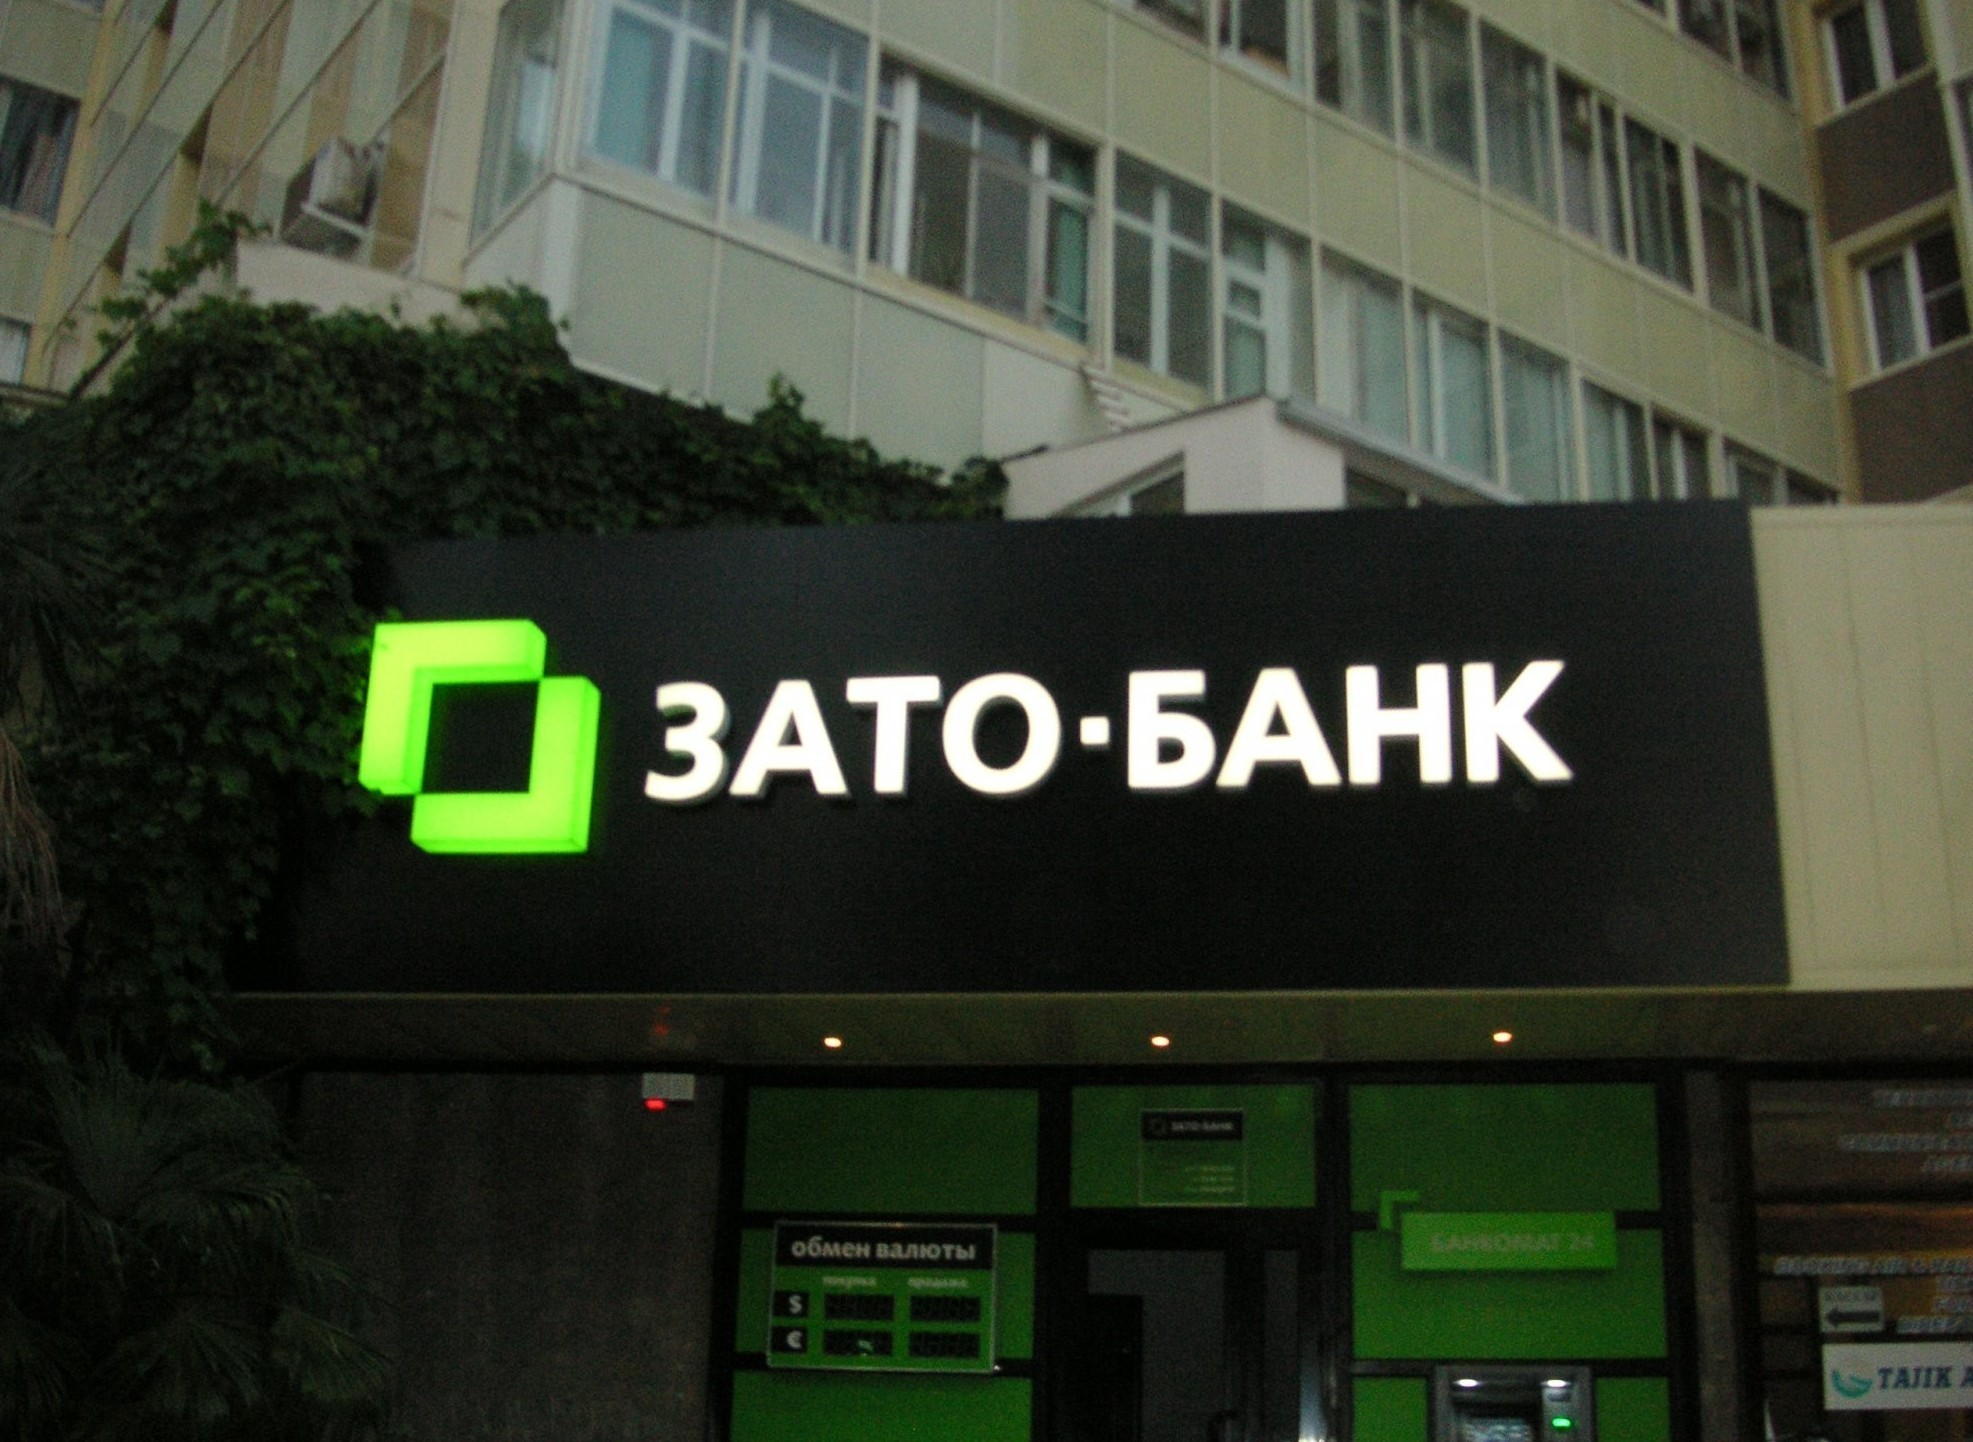 кредит на 30 тысяч рублей в сбербанке сколько будет процентов годовых